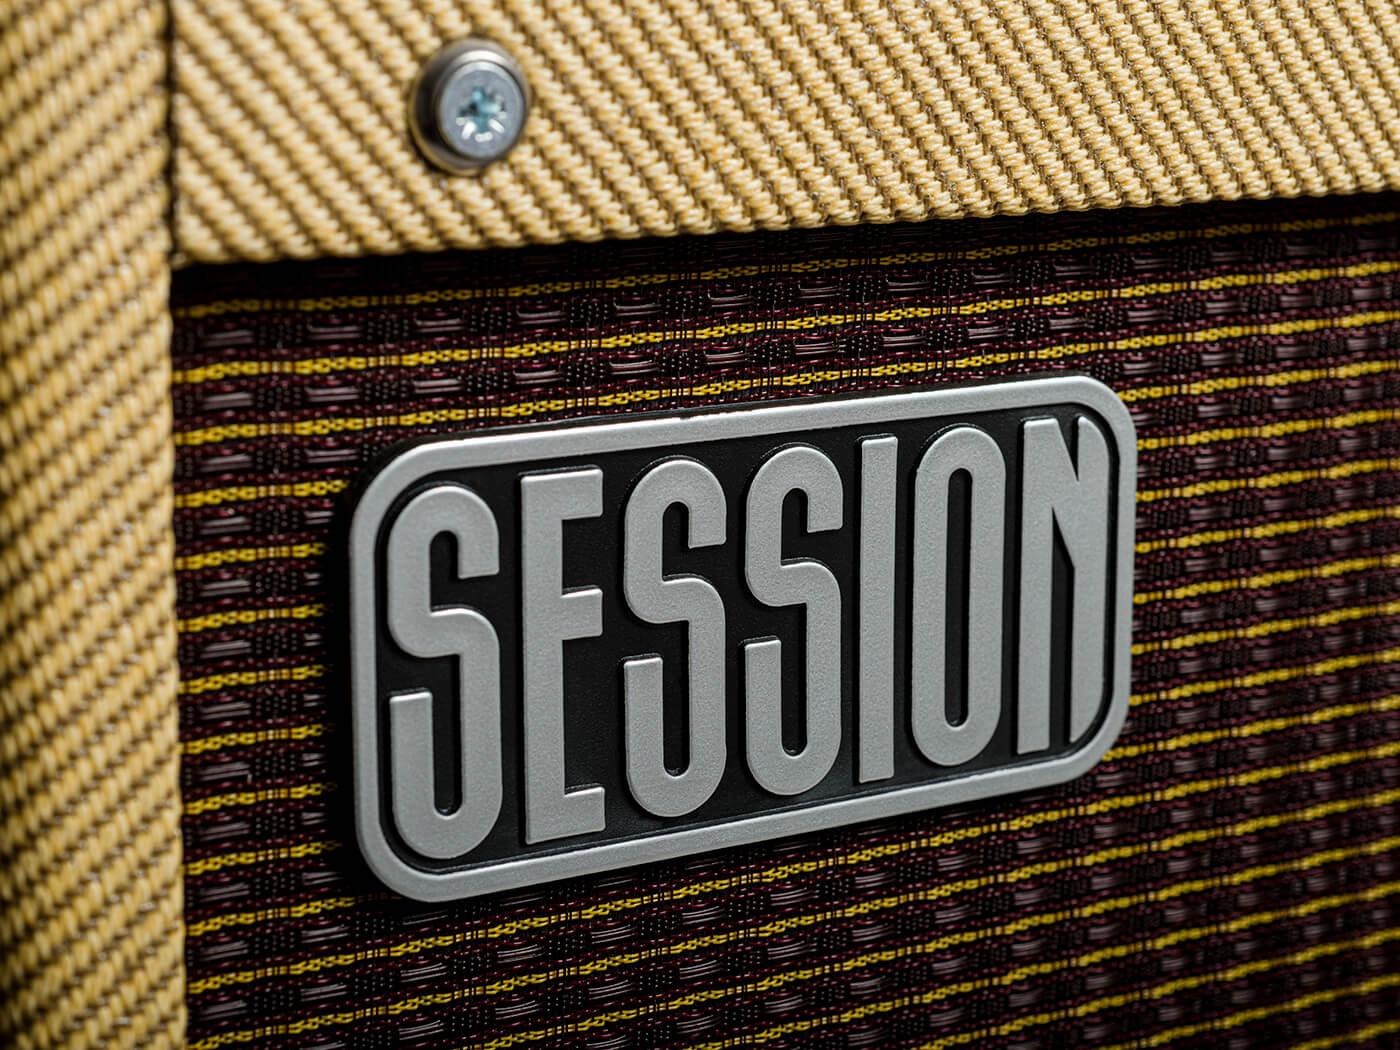 Award-Session 5E3 Extra 22